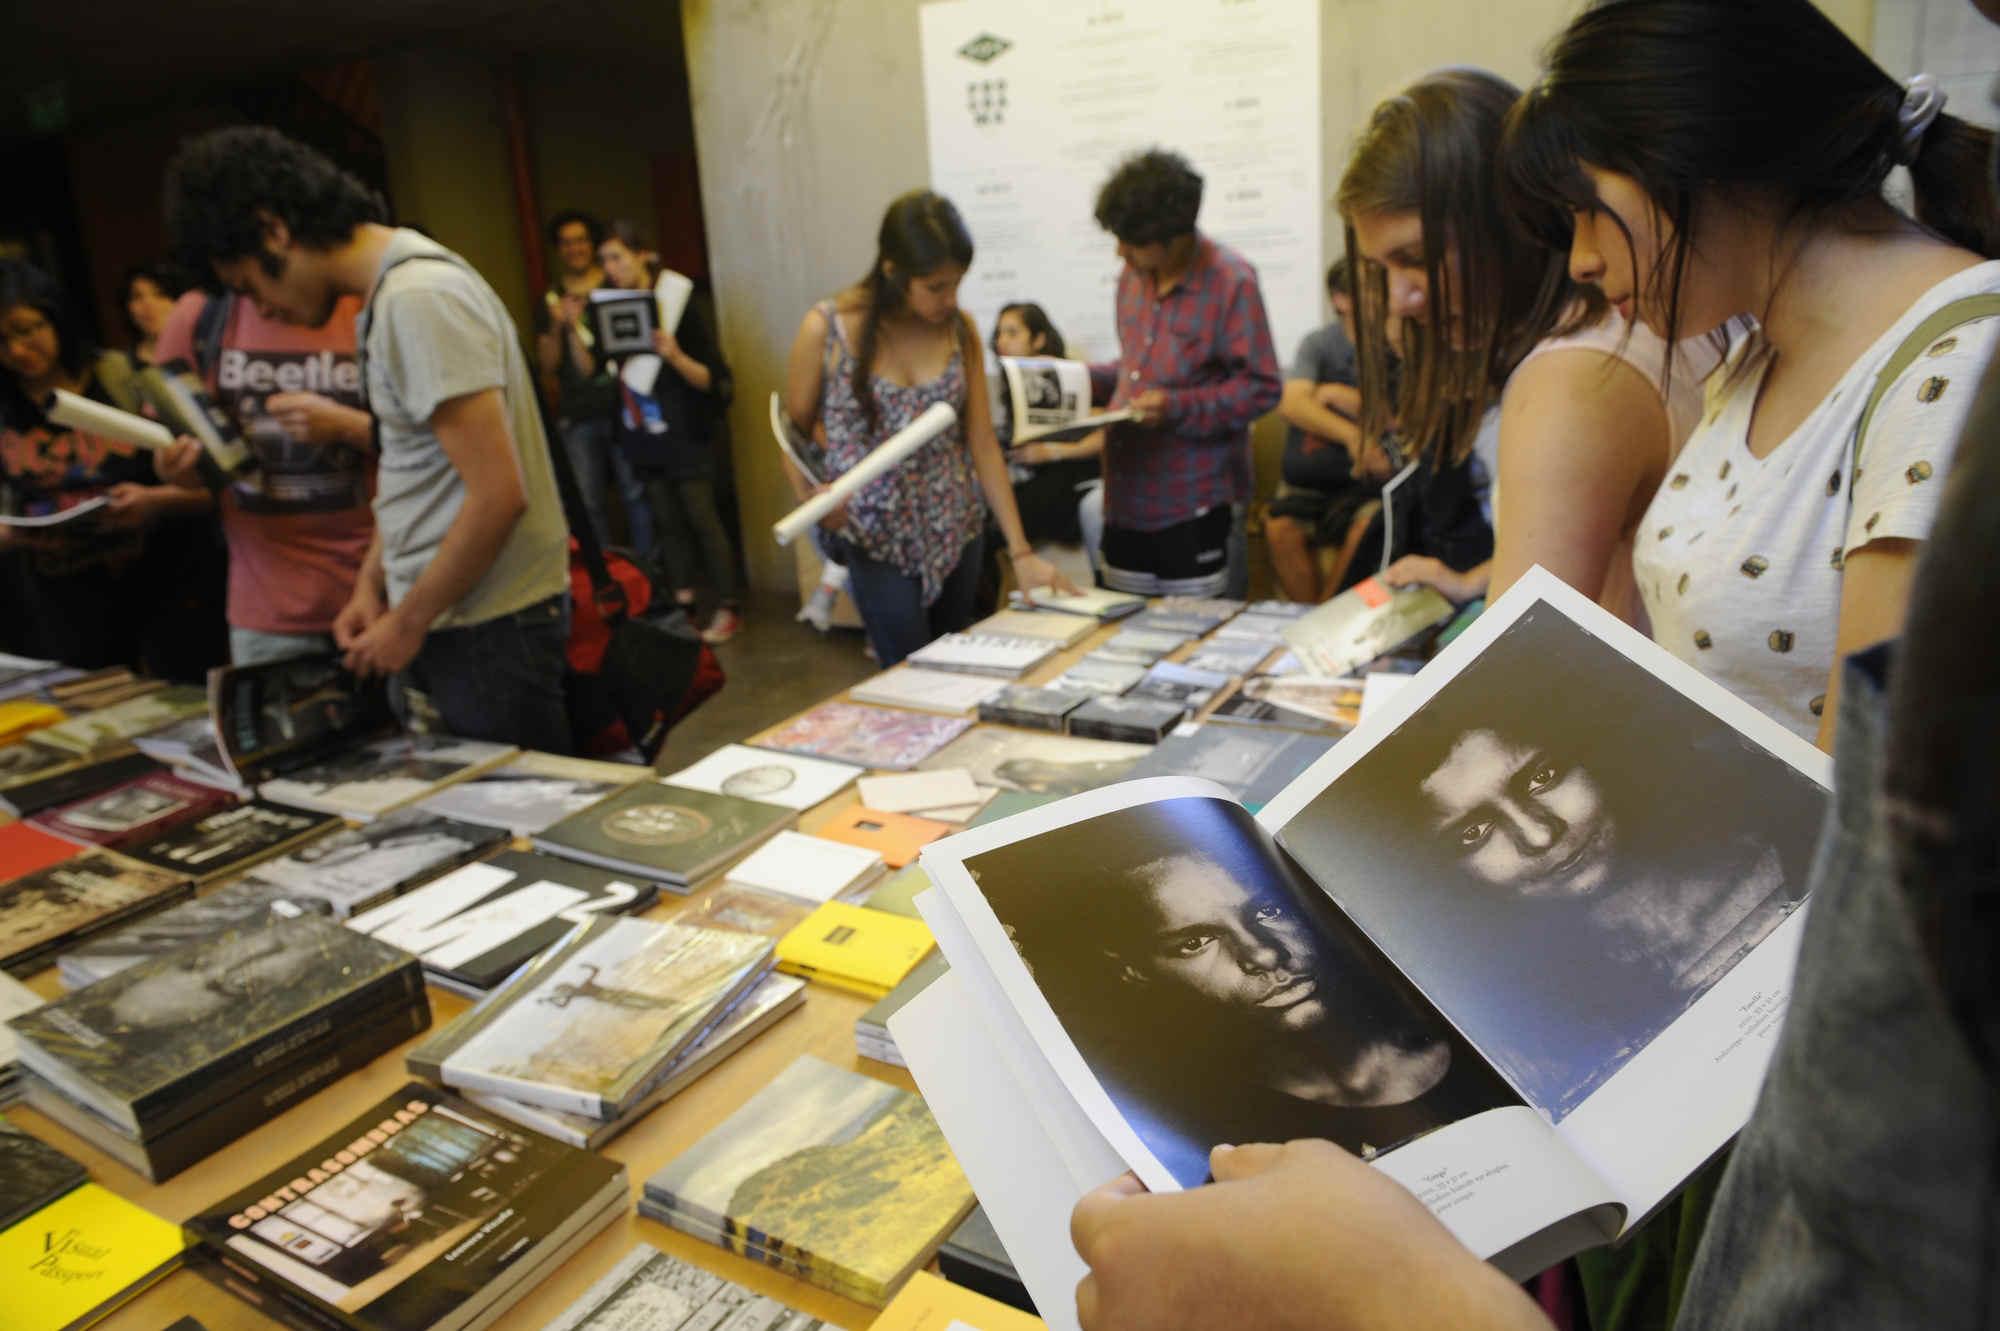 Estudiantes visitan la librería del FIFV 2016. ©Victor Ruiz Caballero